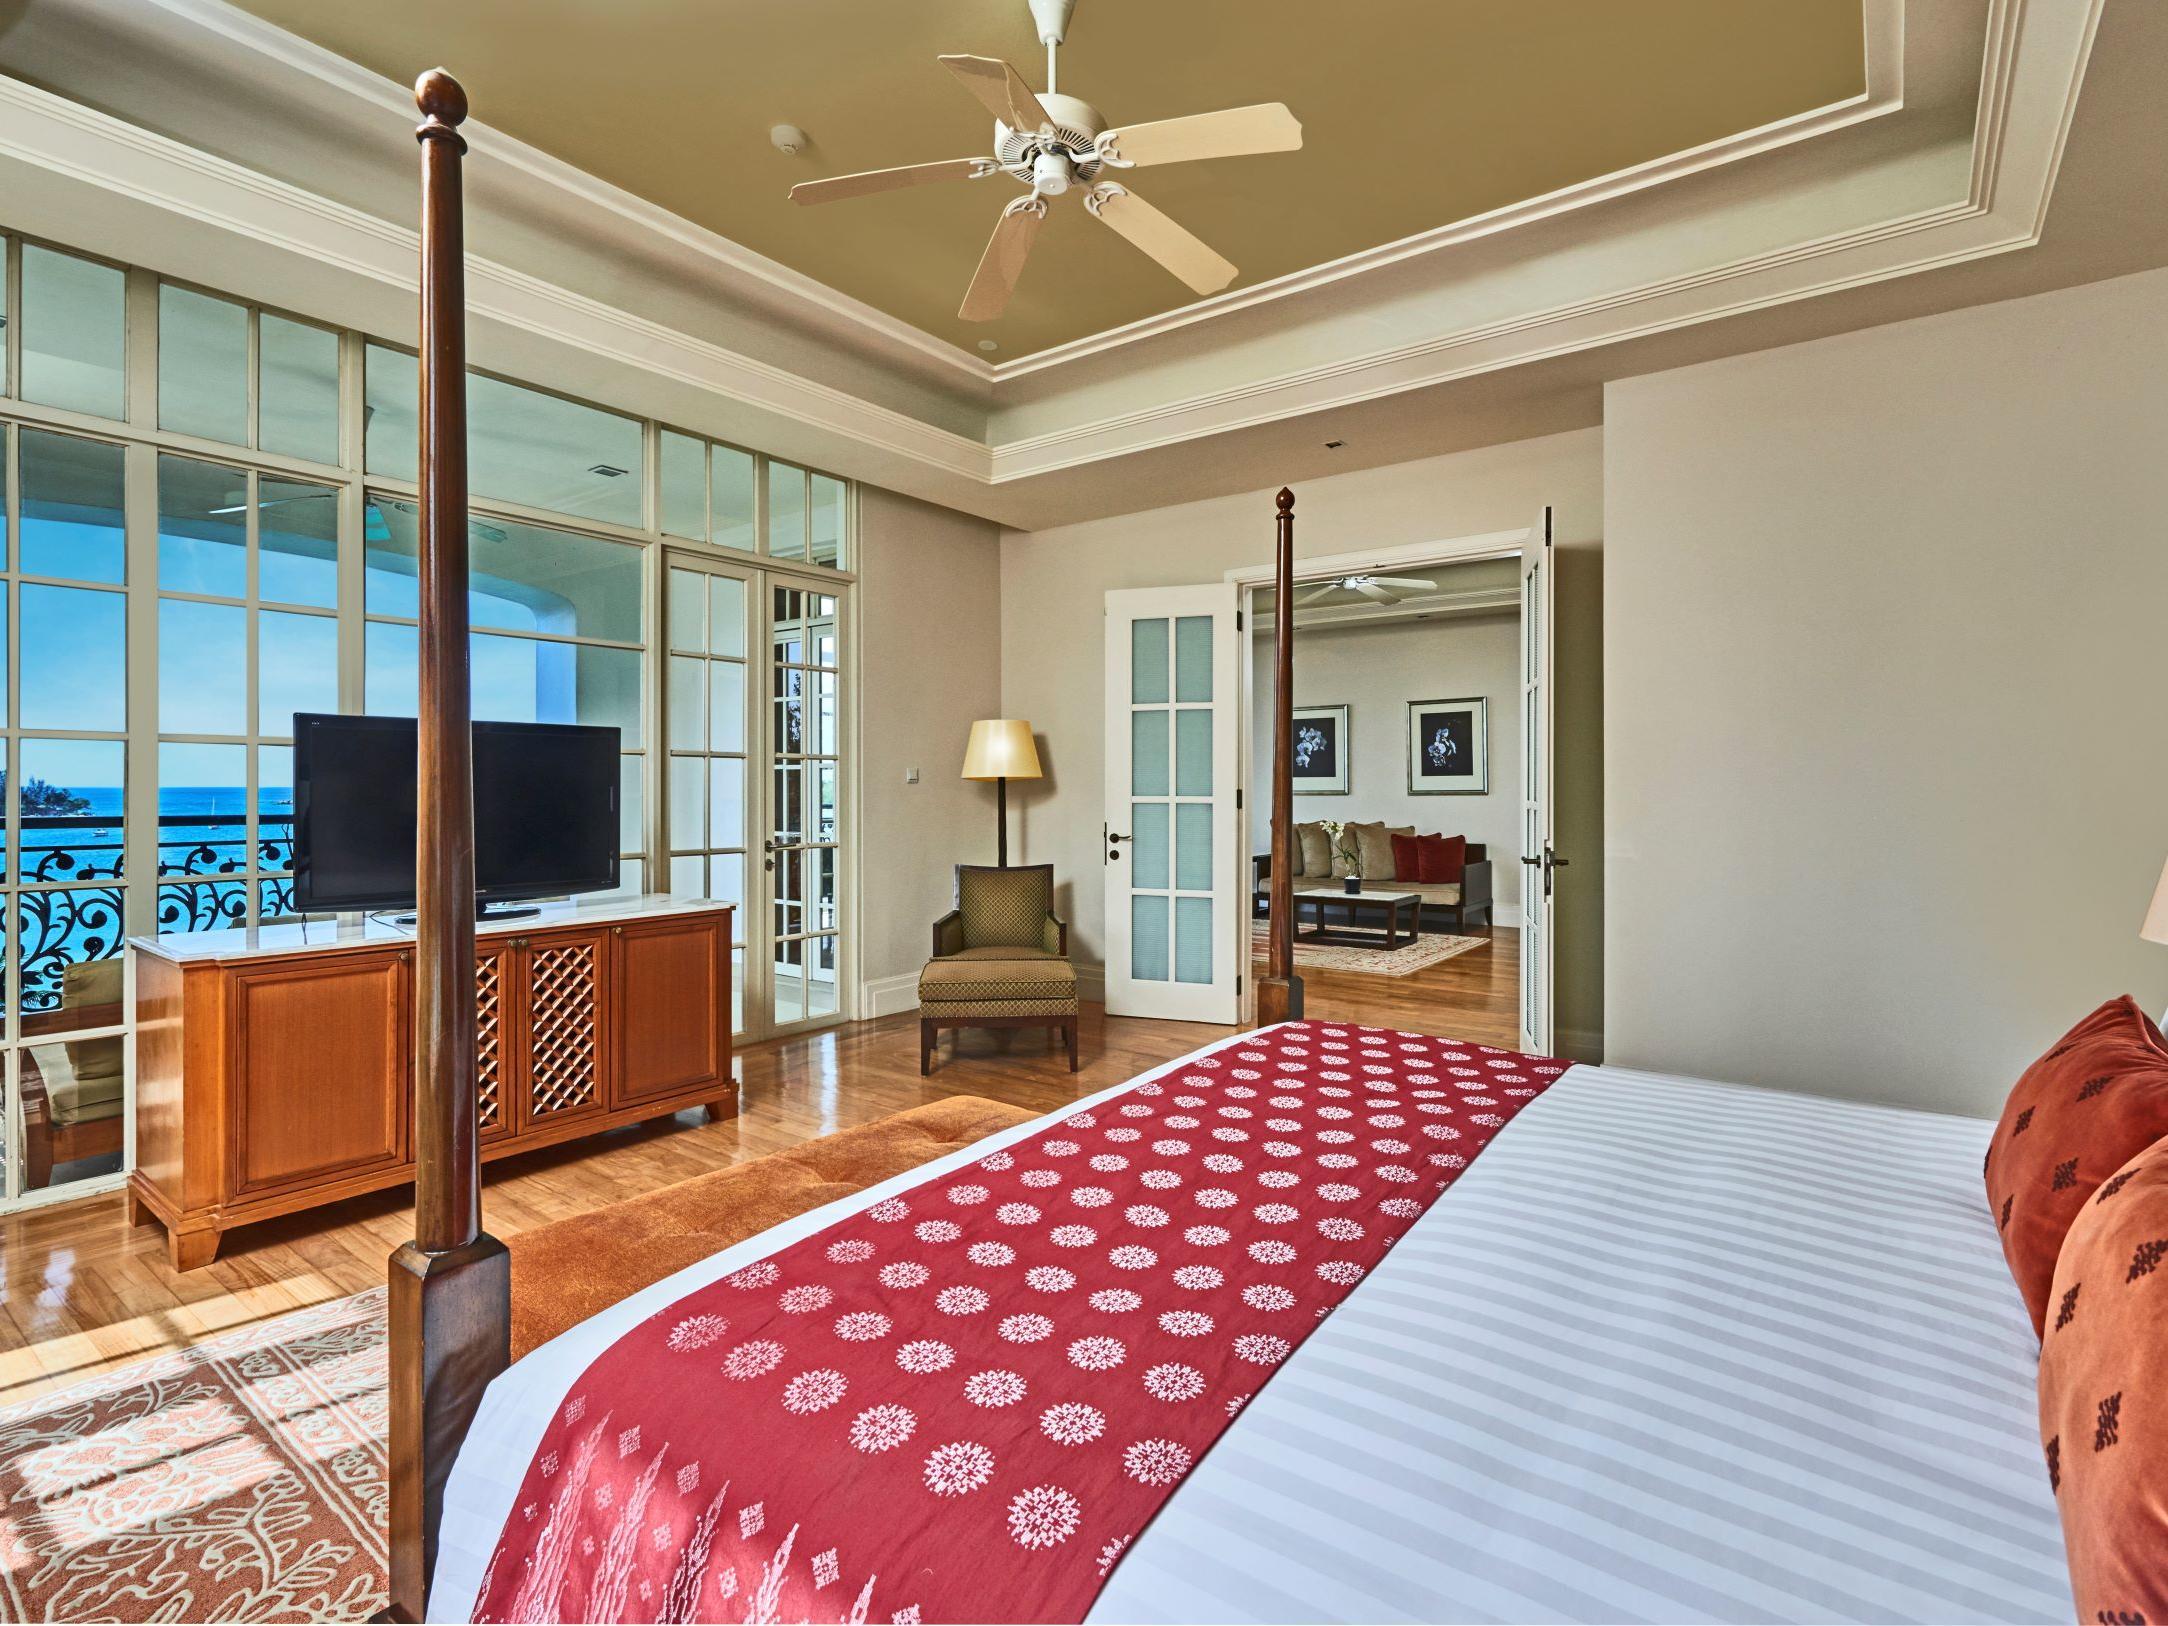 A bedroom that overlooks the ocean